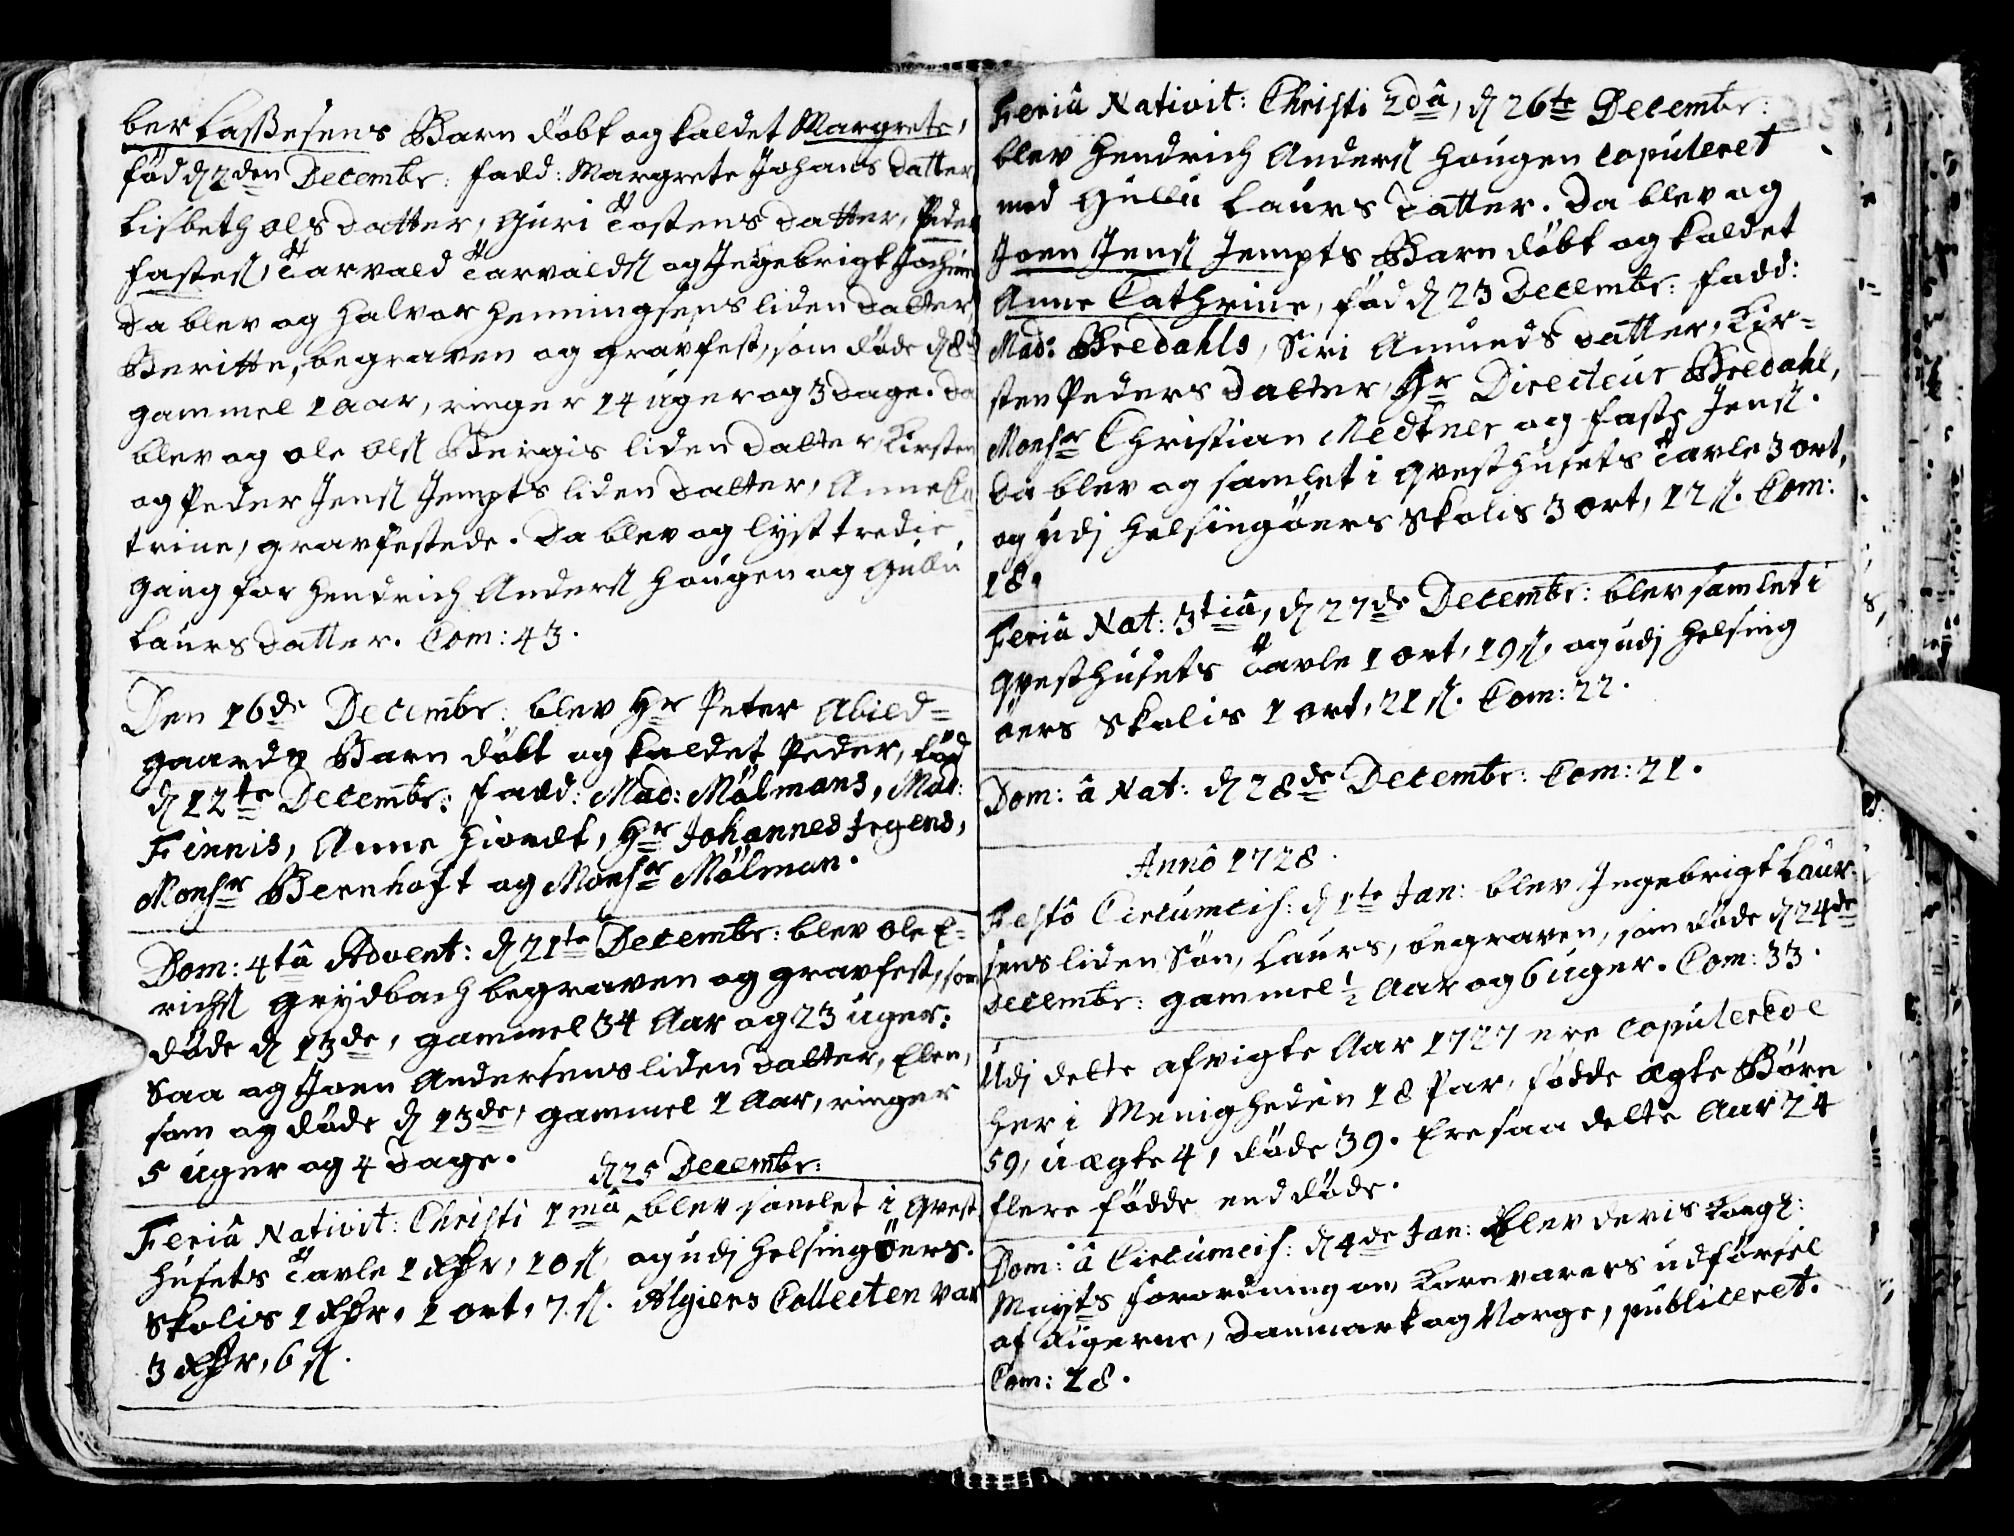 SAT, Ministerialprotokoller, klokkerbøker og fødselsregistre - Sør-Trøndelag, 681/L0924: Ministerialbok nr. 681A02, 1720-1731, s. 214-215